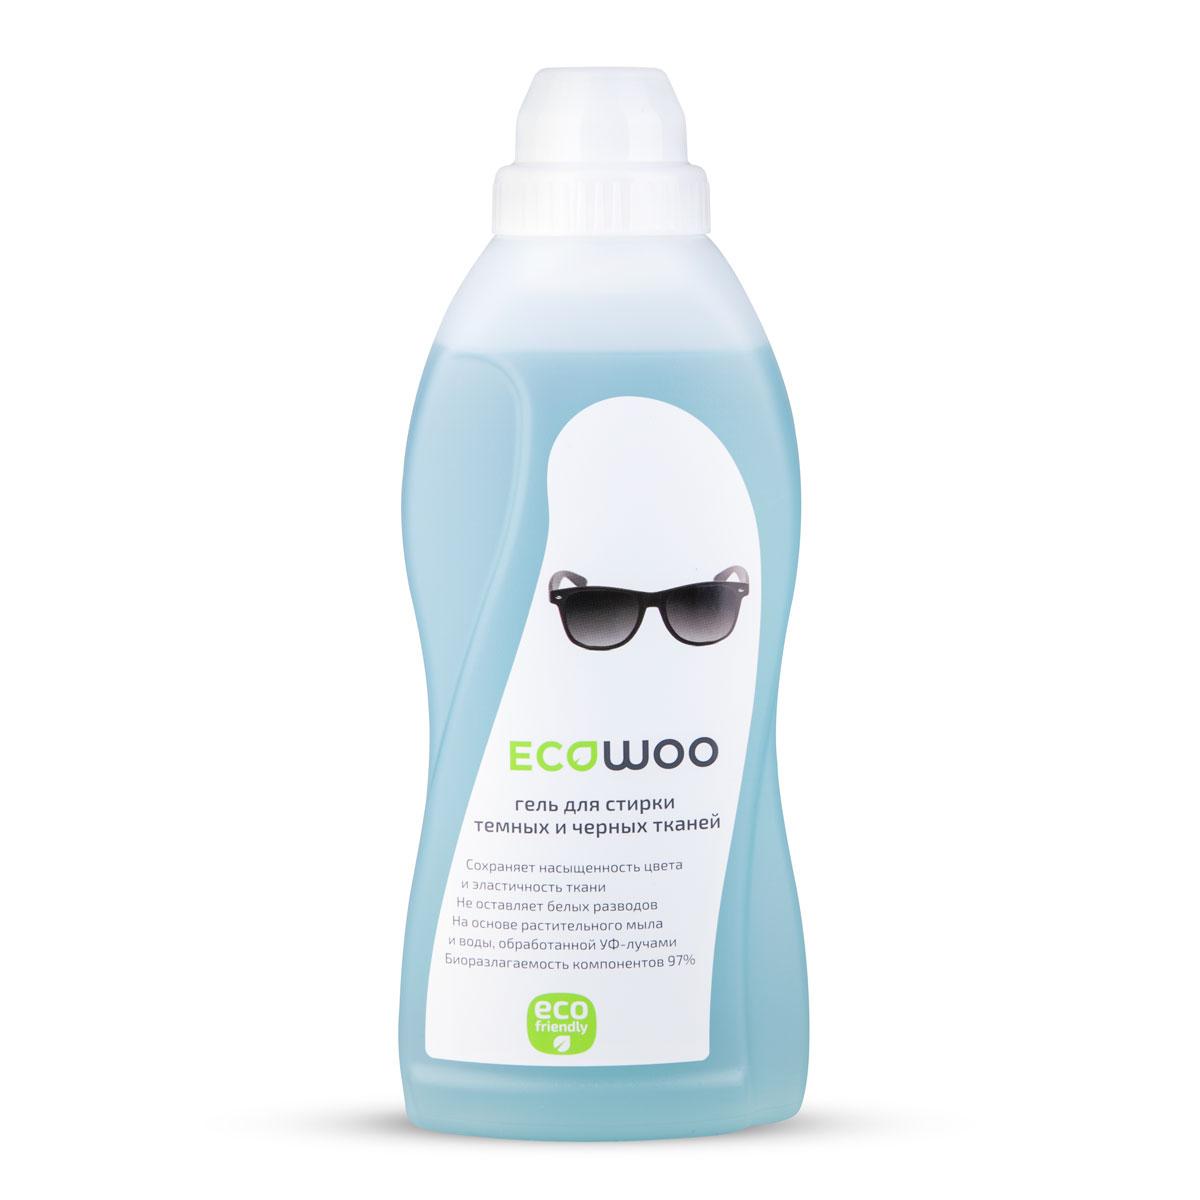 Гель EcoWoo для стирки темных и черных тканей, 0,7 лЕ088170Сохраняет насыщенность цвета и эластичность ткани. Не оставляет белых разводов. На основе растительного мыла и воды, обработанной Уф- лучами. Биоразлагаемость компонентов 97%. Система контроля цвета ECOWOO предупреждает осветление темных тканей и помогает сохранить всю глубину цвета.